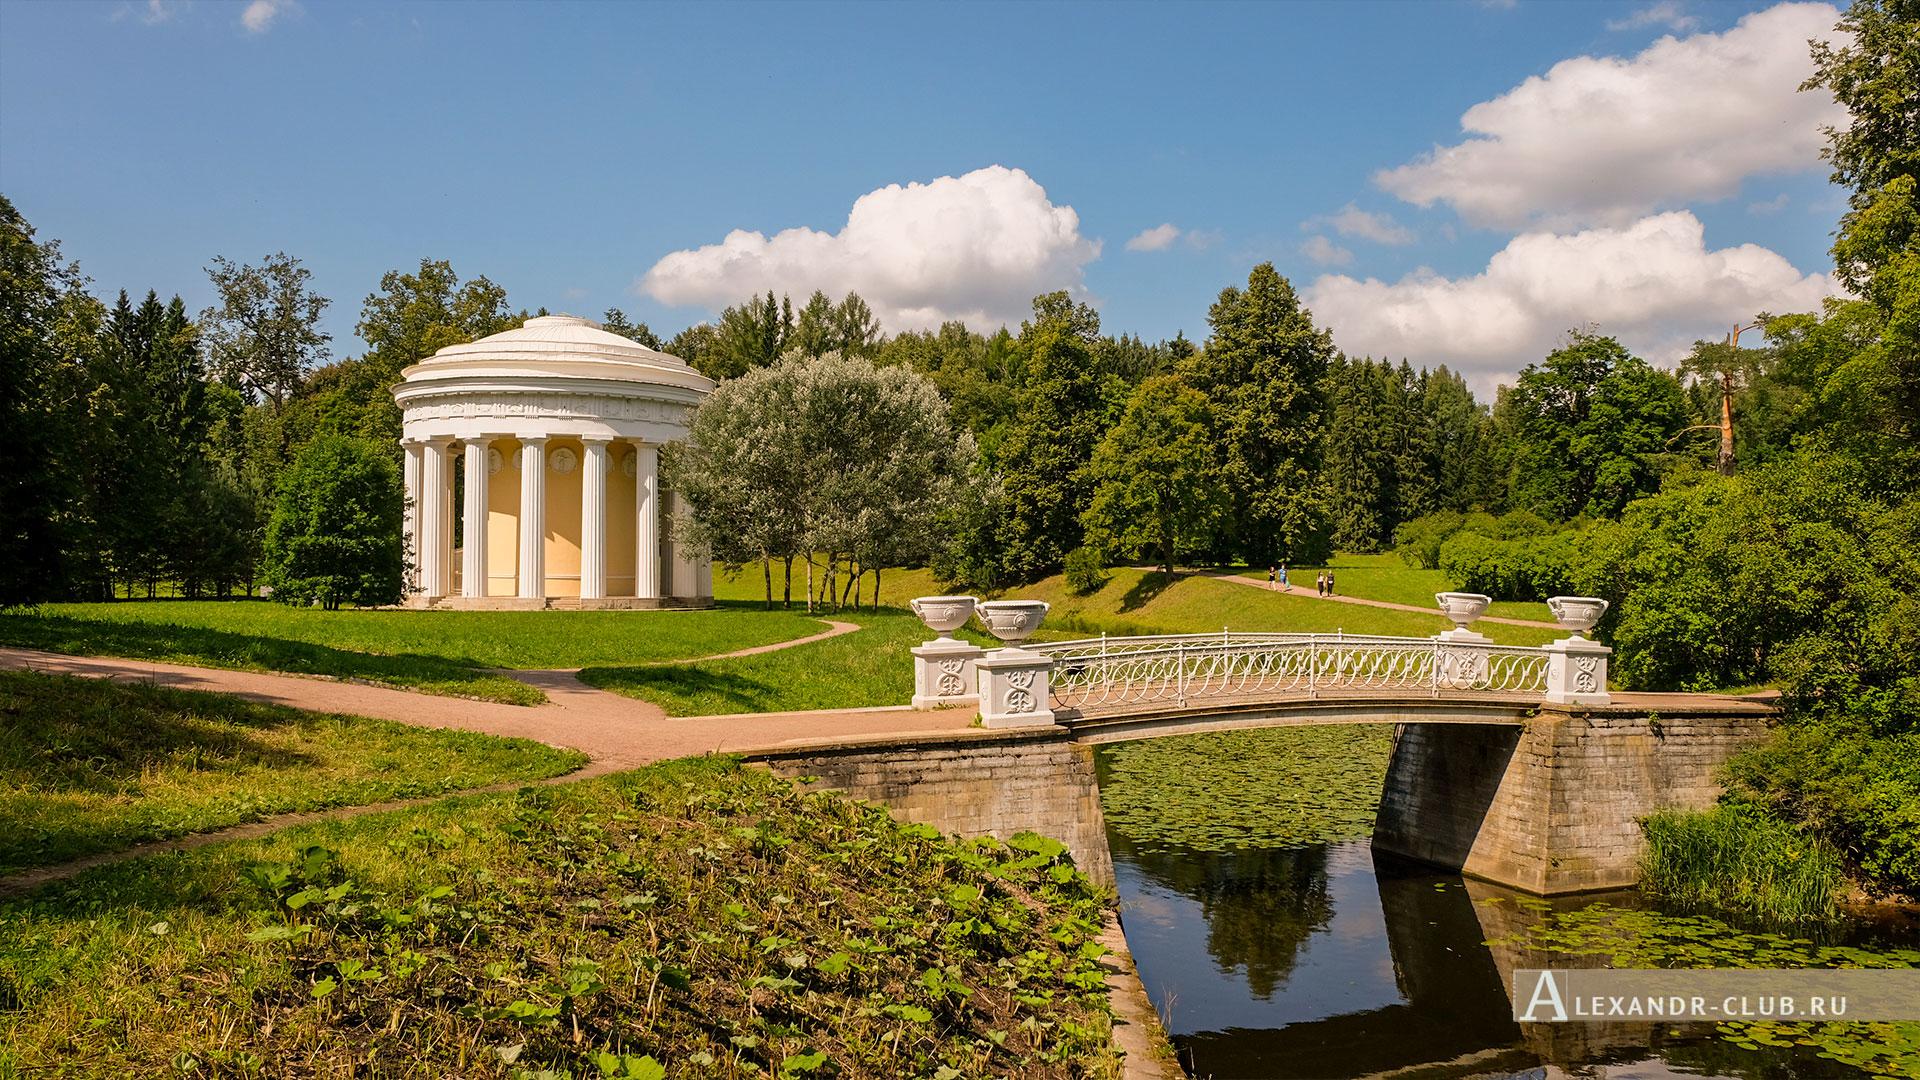 Павловск, лето, Павловский парк, Храм Дружбы